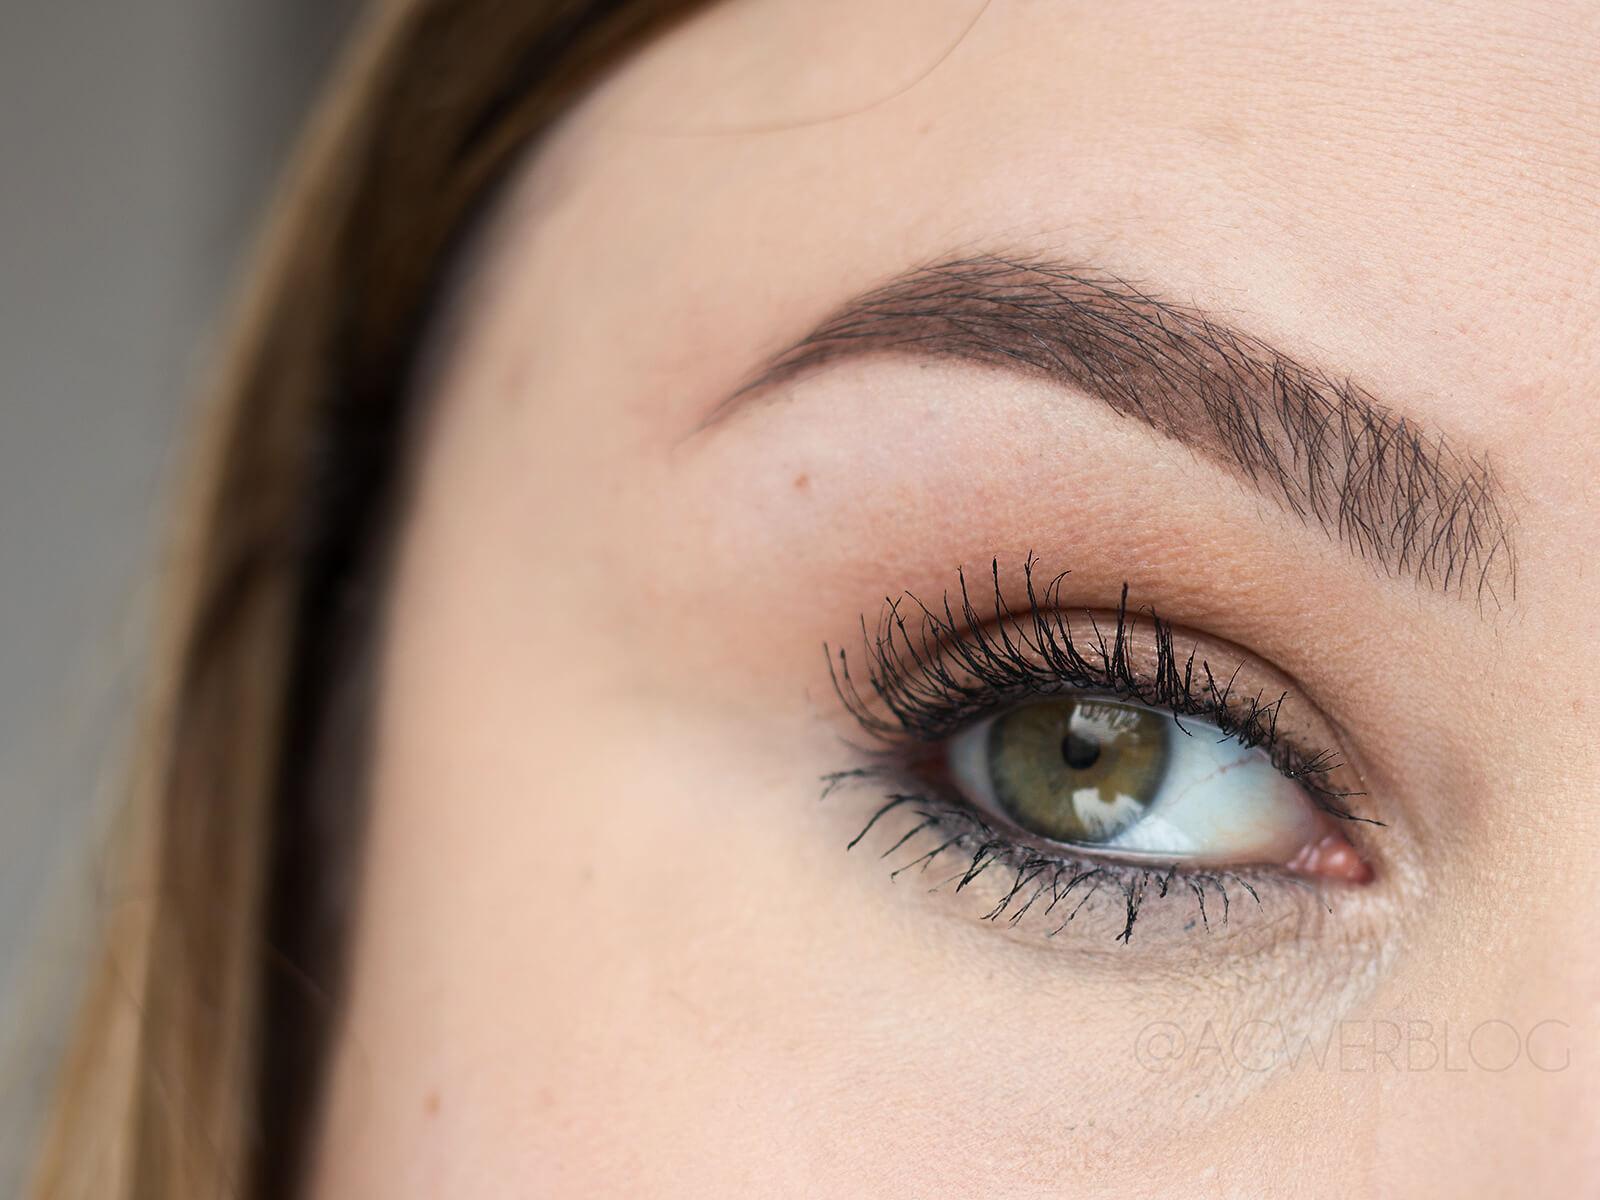 najczęściej popełniane błędy w makijażu oczu